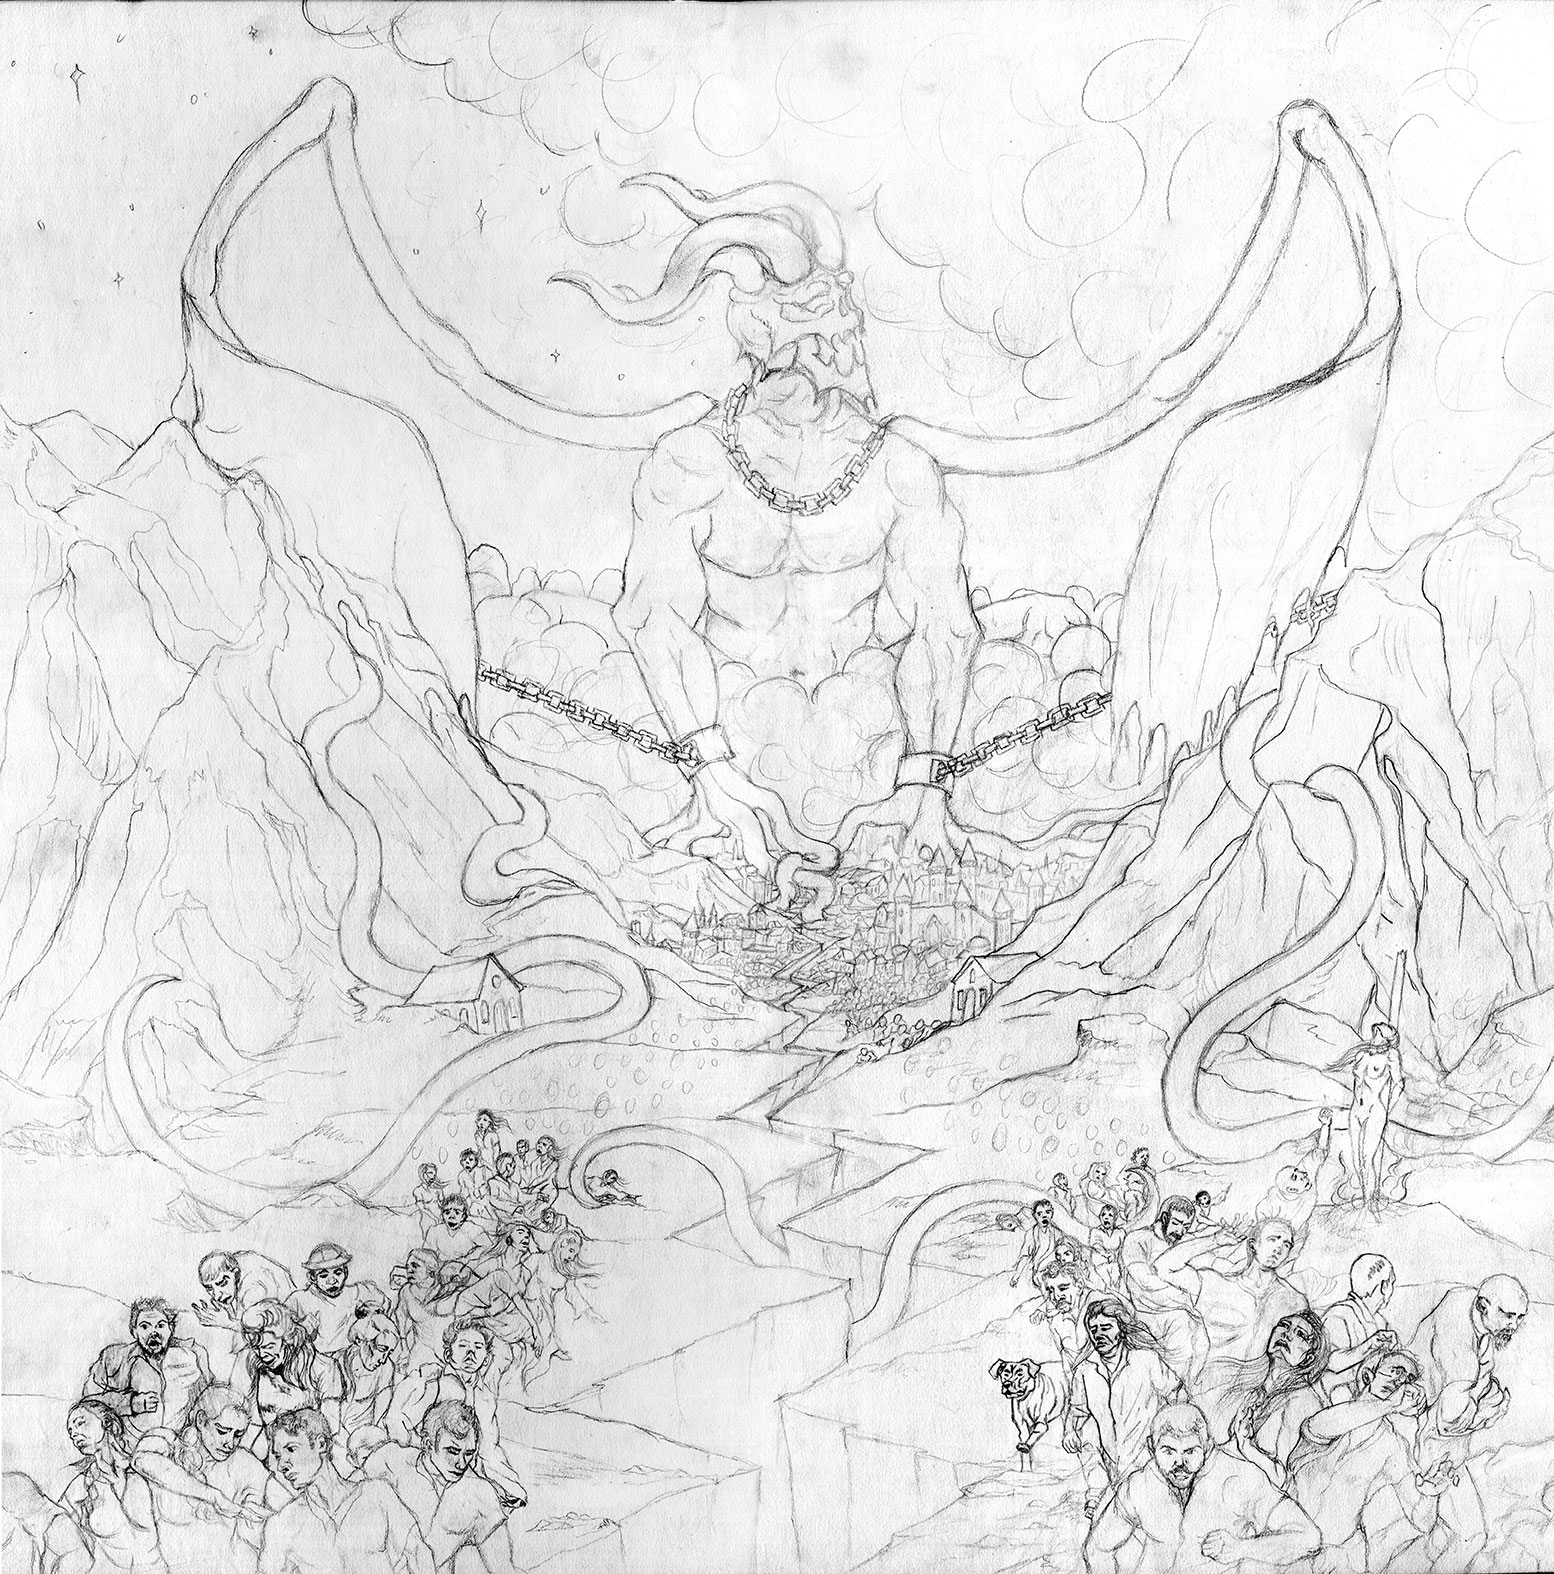 Wrath of Typhon Kingdom of Fear Sketch in Progress